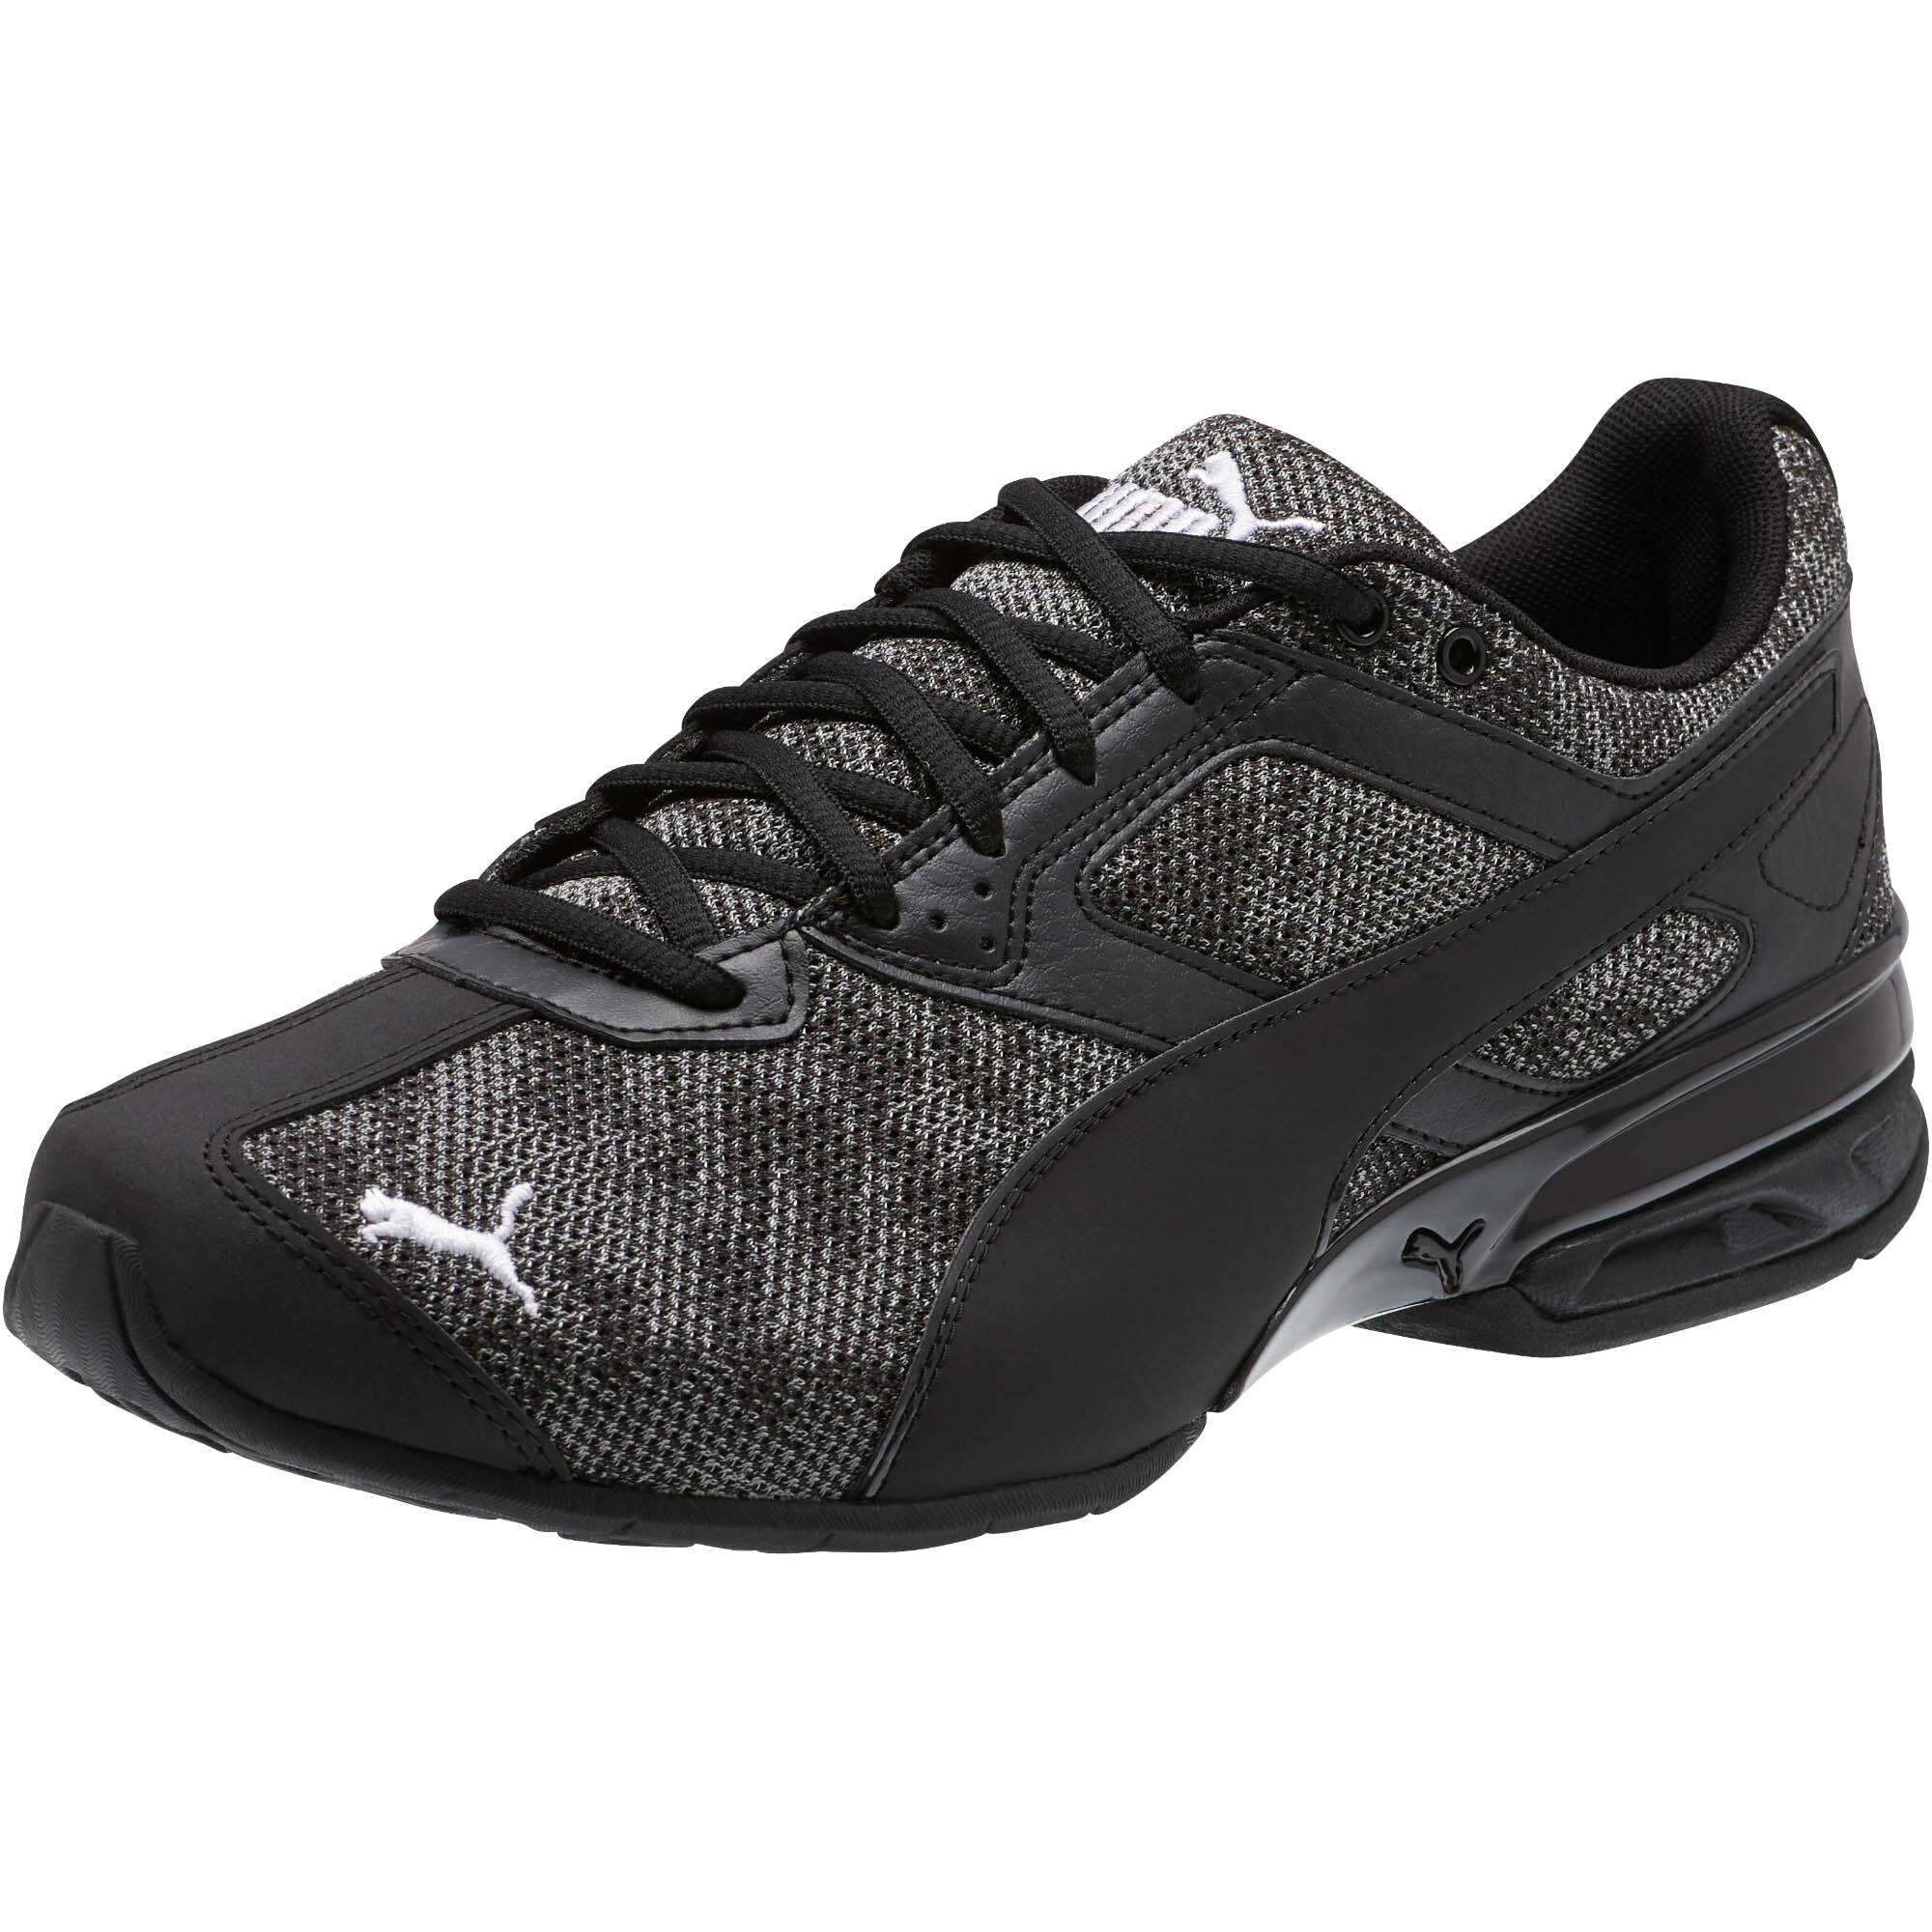 Puma-Tazon-6-Camo-Mesh-Scarpe-da-ginnastica-Uomo-scarpa-in-esecuzione miniatura 4